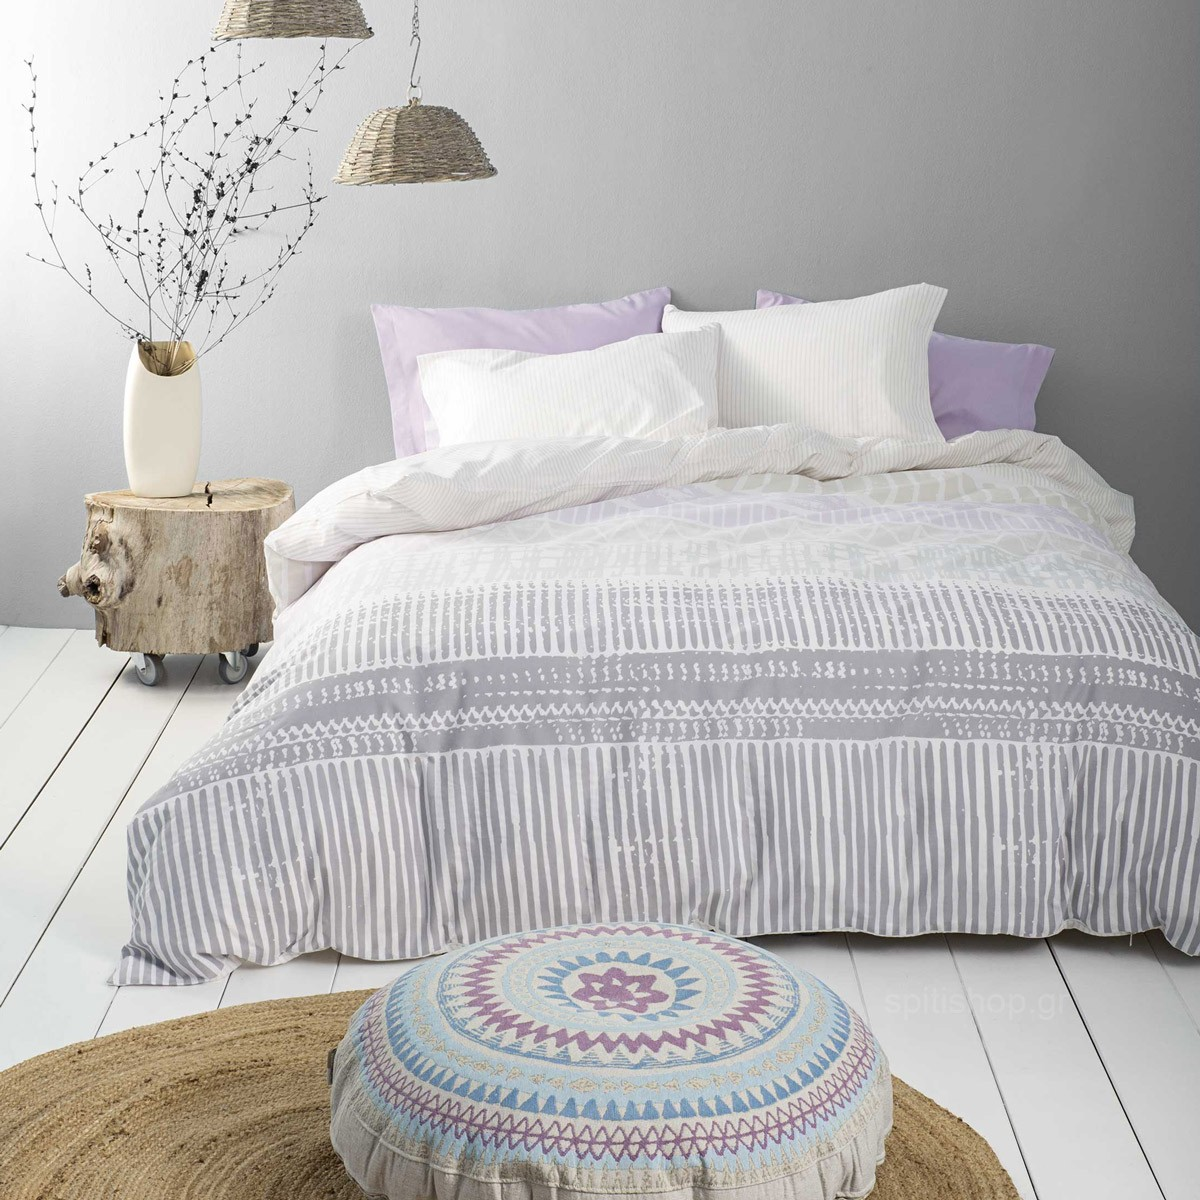 Κουβερλί Μονό Nima Bed Linen Akachi Lilac